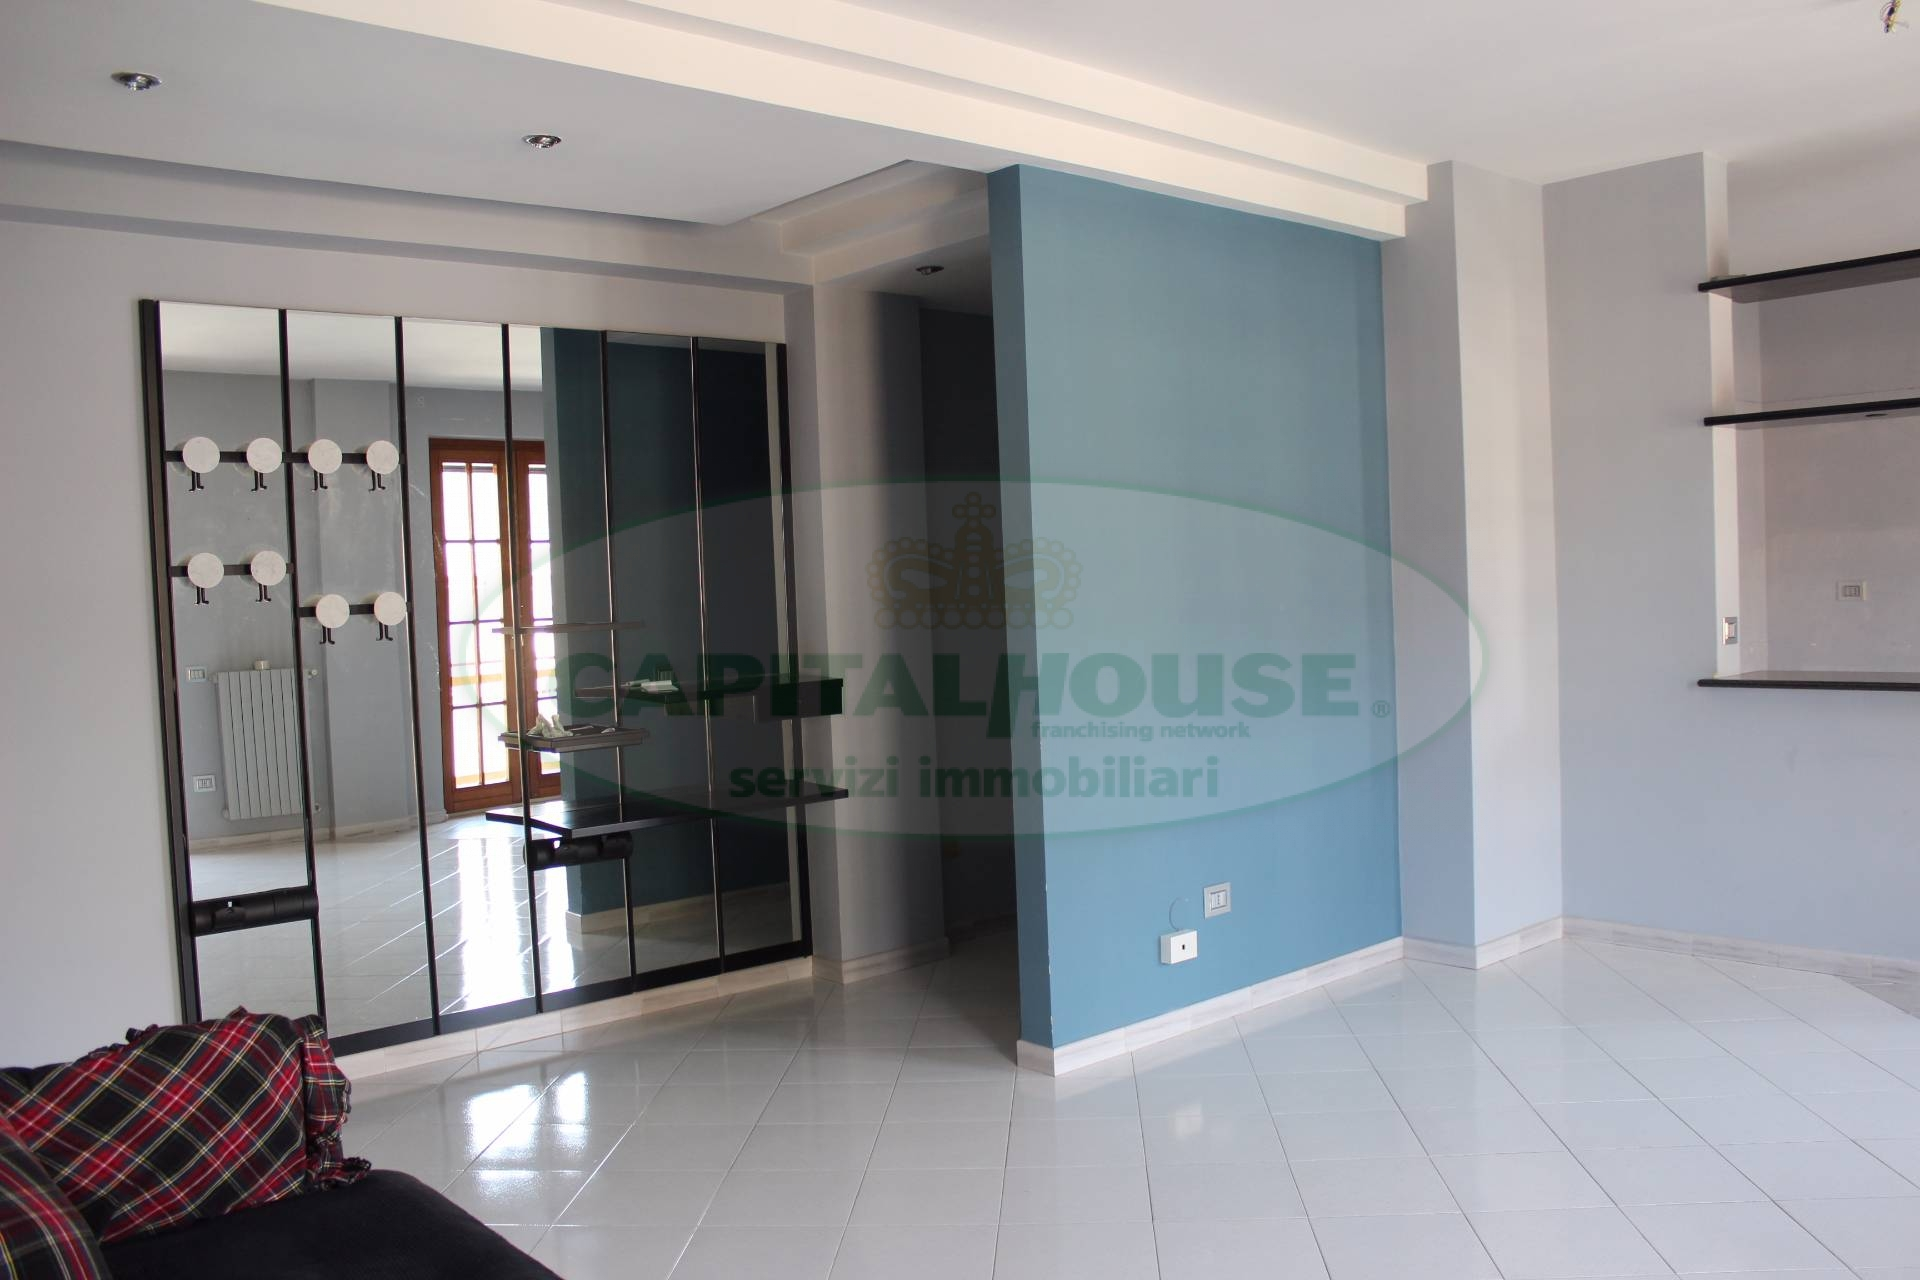 Appartamento in affitto a Monteforte Irpino, 3 locali, zona Località: TavernaCampanile, prezzo € 380 | Cambio Casa.it